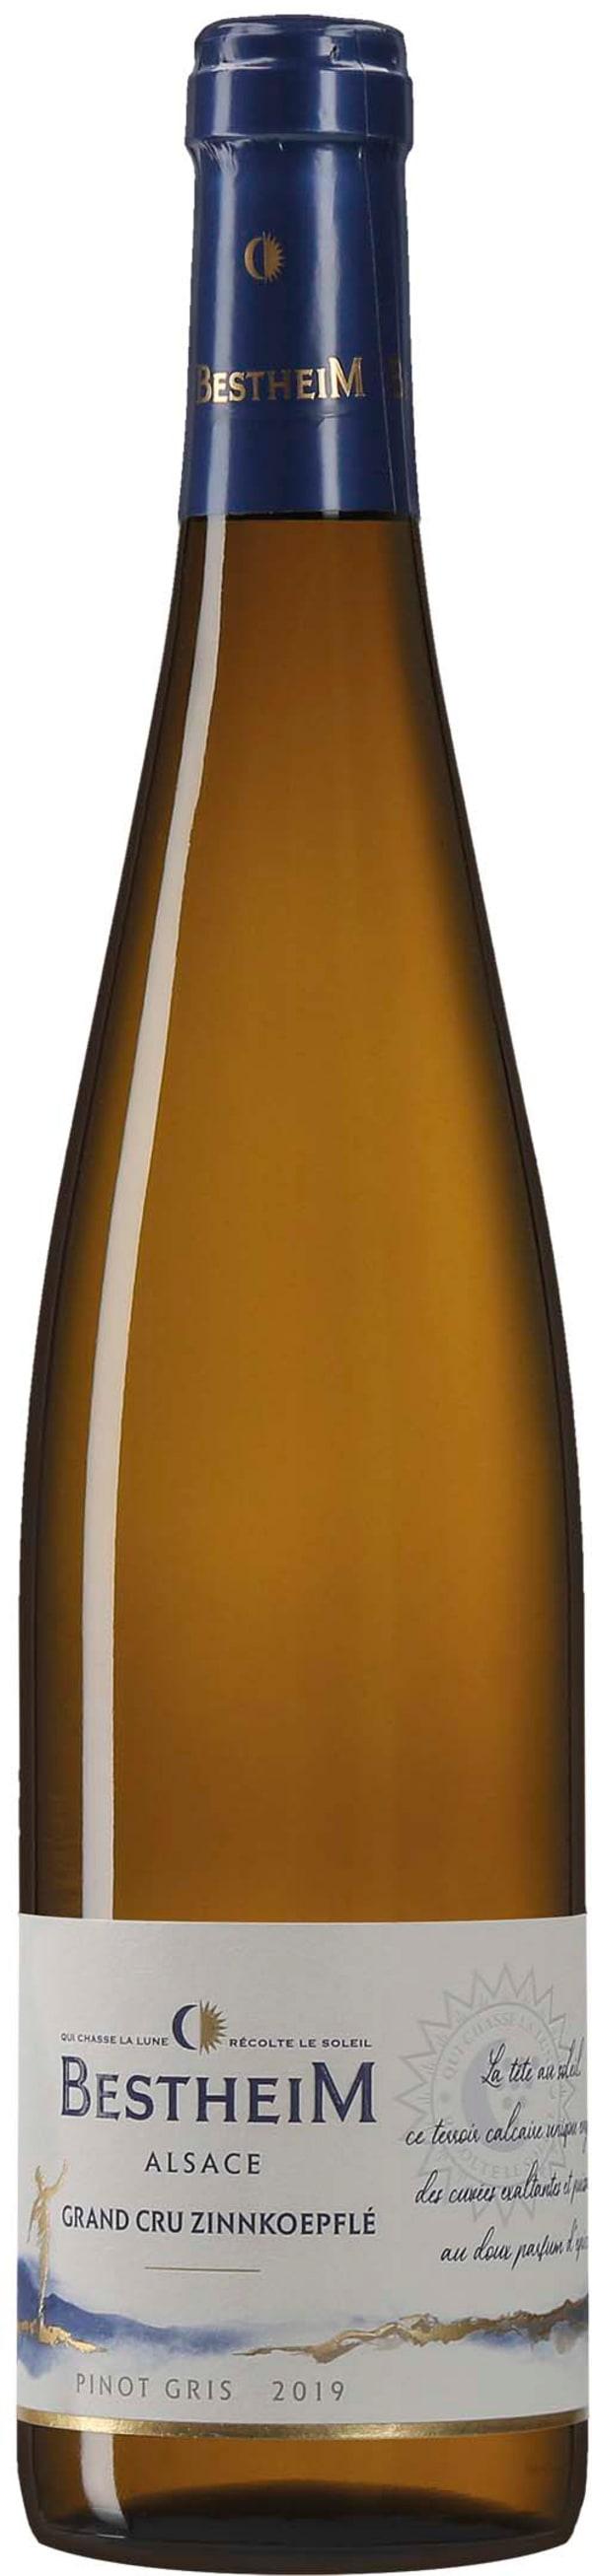 Bestheim Pinot Gris Grand Cru Zinnkoepfle 2015